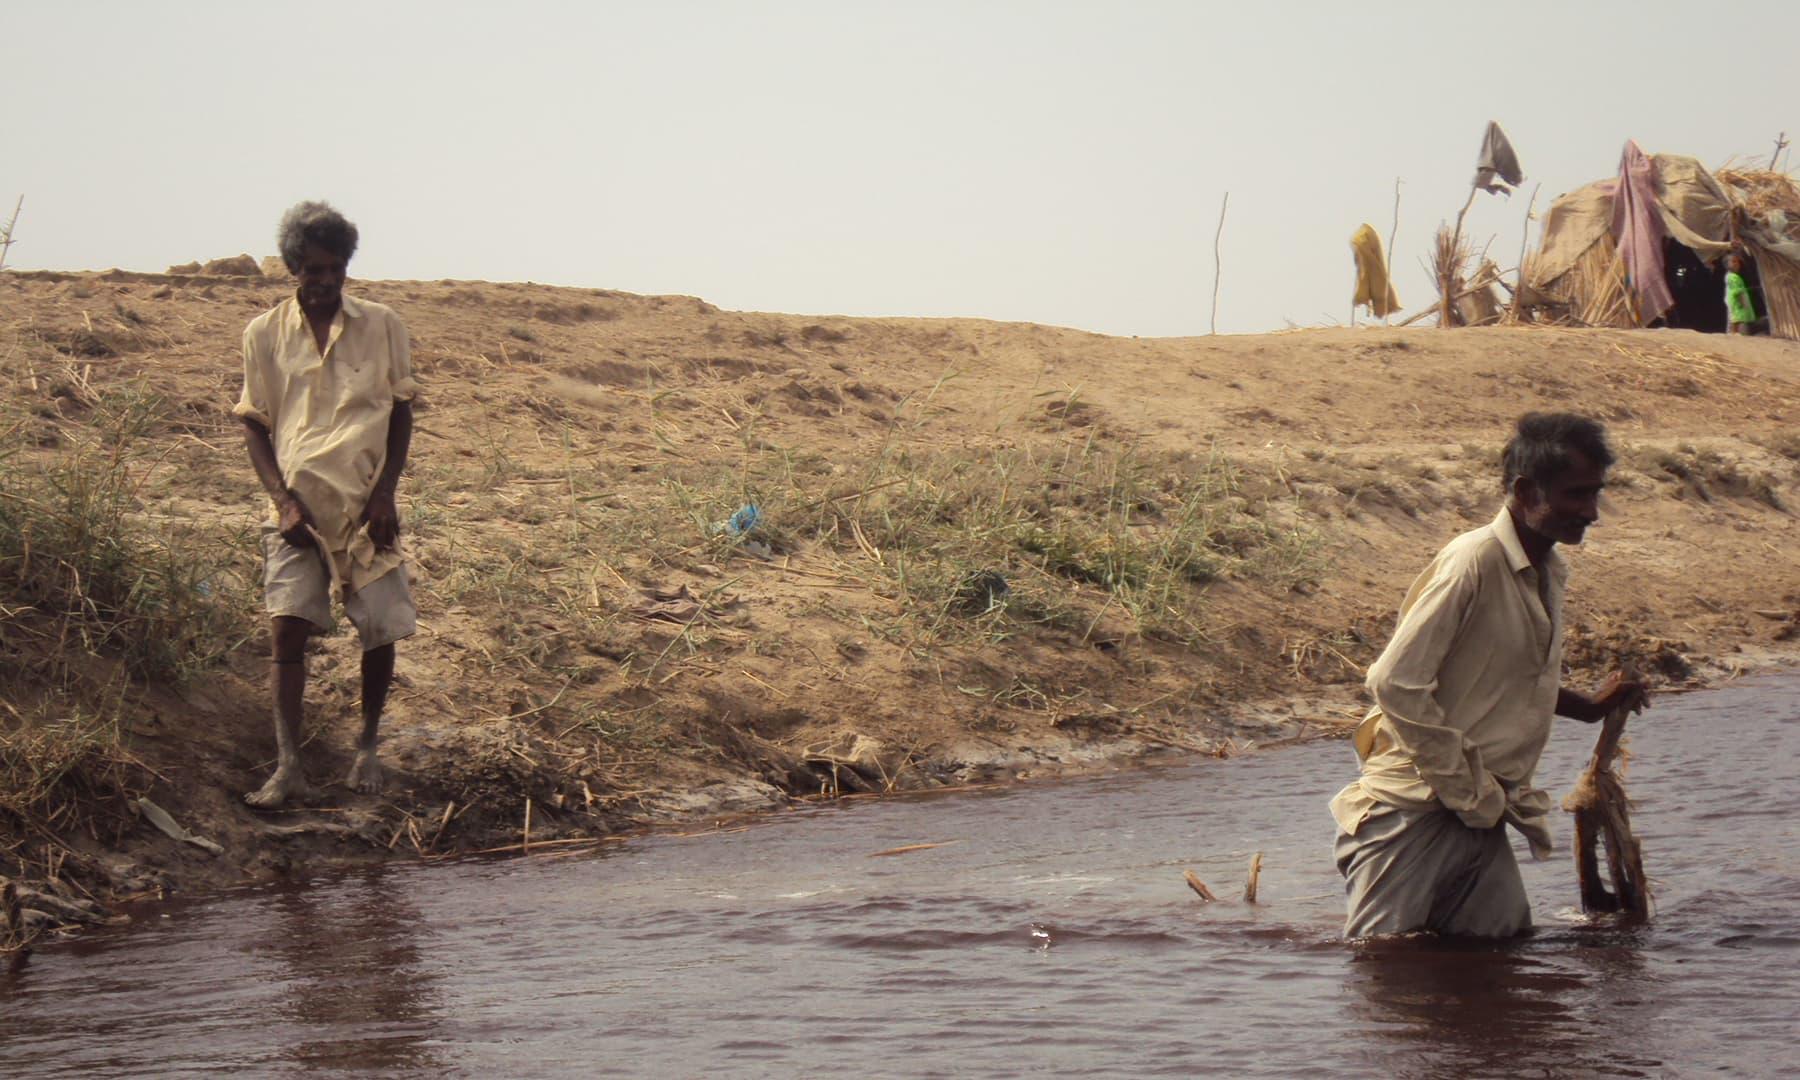 نریڑی جھیل کا ایک حصہ اب بھی بارشوں کے موسم میں پانی سے بھر جاتا ہے اور جنوری فروری تک مقامی مچھیروں کا گزرسفر ہوجاتا ہے—تصویر ابوبکر شیخ